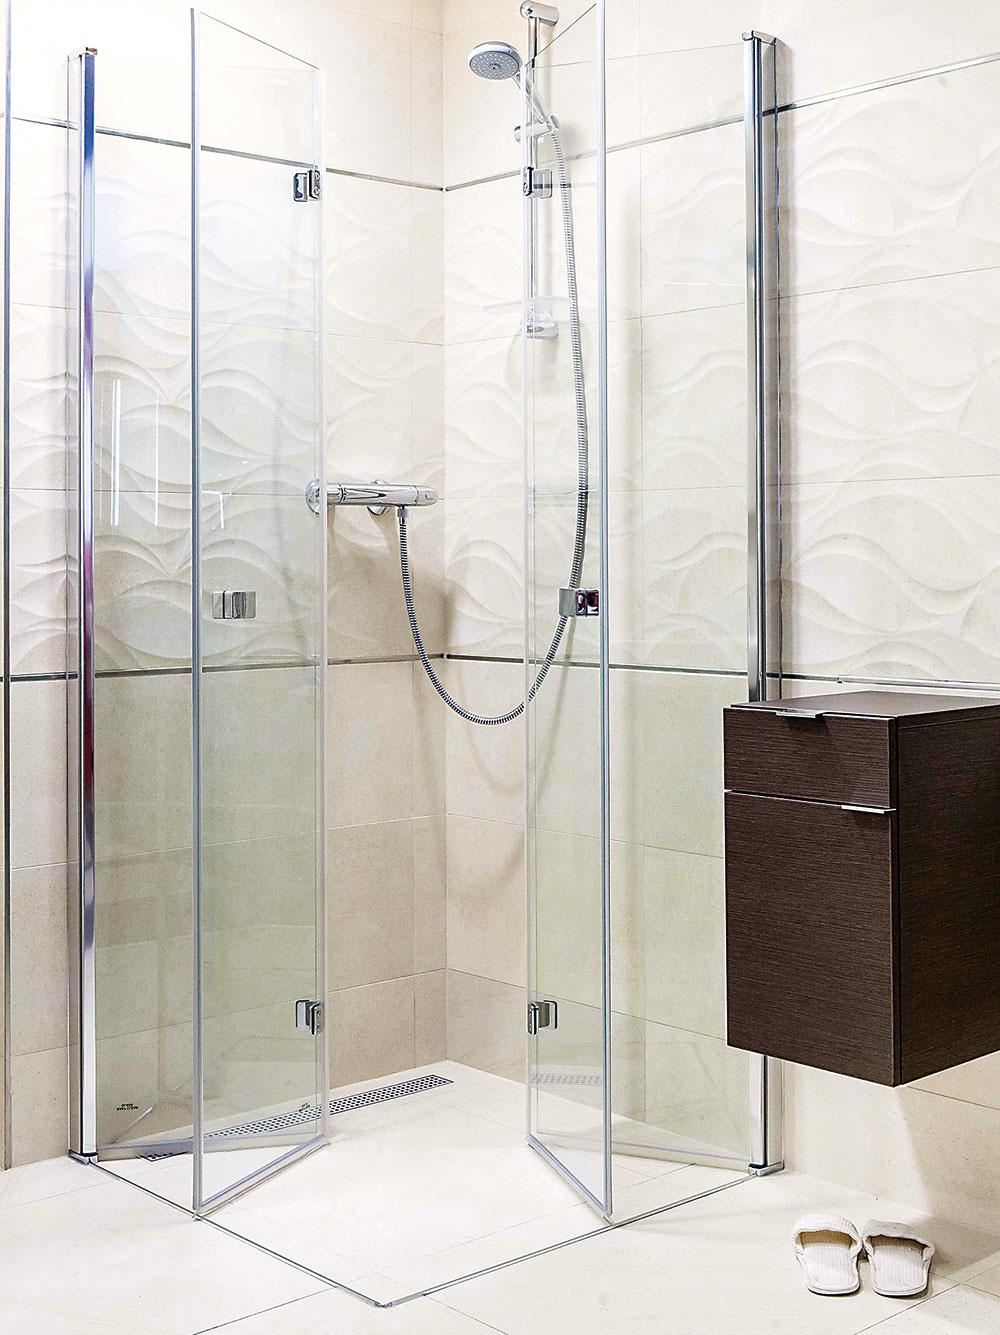 Skladací sprchový kút od značky Anima s dverami, ktoré možno zložiť až k stene, sa priam pýta do malých kúpeľní. Bezpečnostné sklo hrubé 6 mm s povrchovou úpravou Easyclean dopĺňajú profily z lešteného chrómu. V ponuke nájdete tri vzájomne kombinovateľné šírky (80, 90 a 100 cm). Predáva SIKO KÚPEĽNE & KUCHYNE.